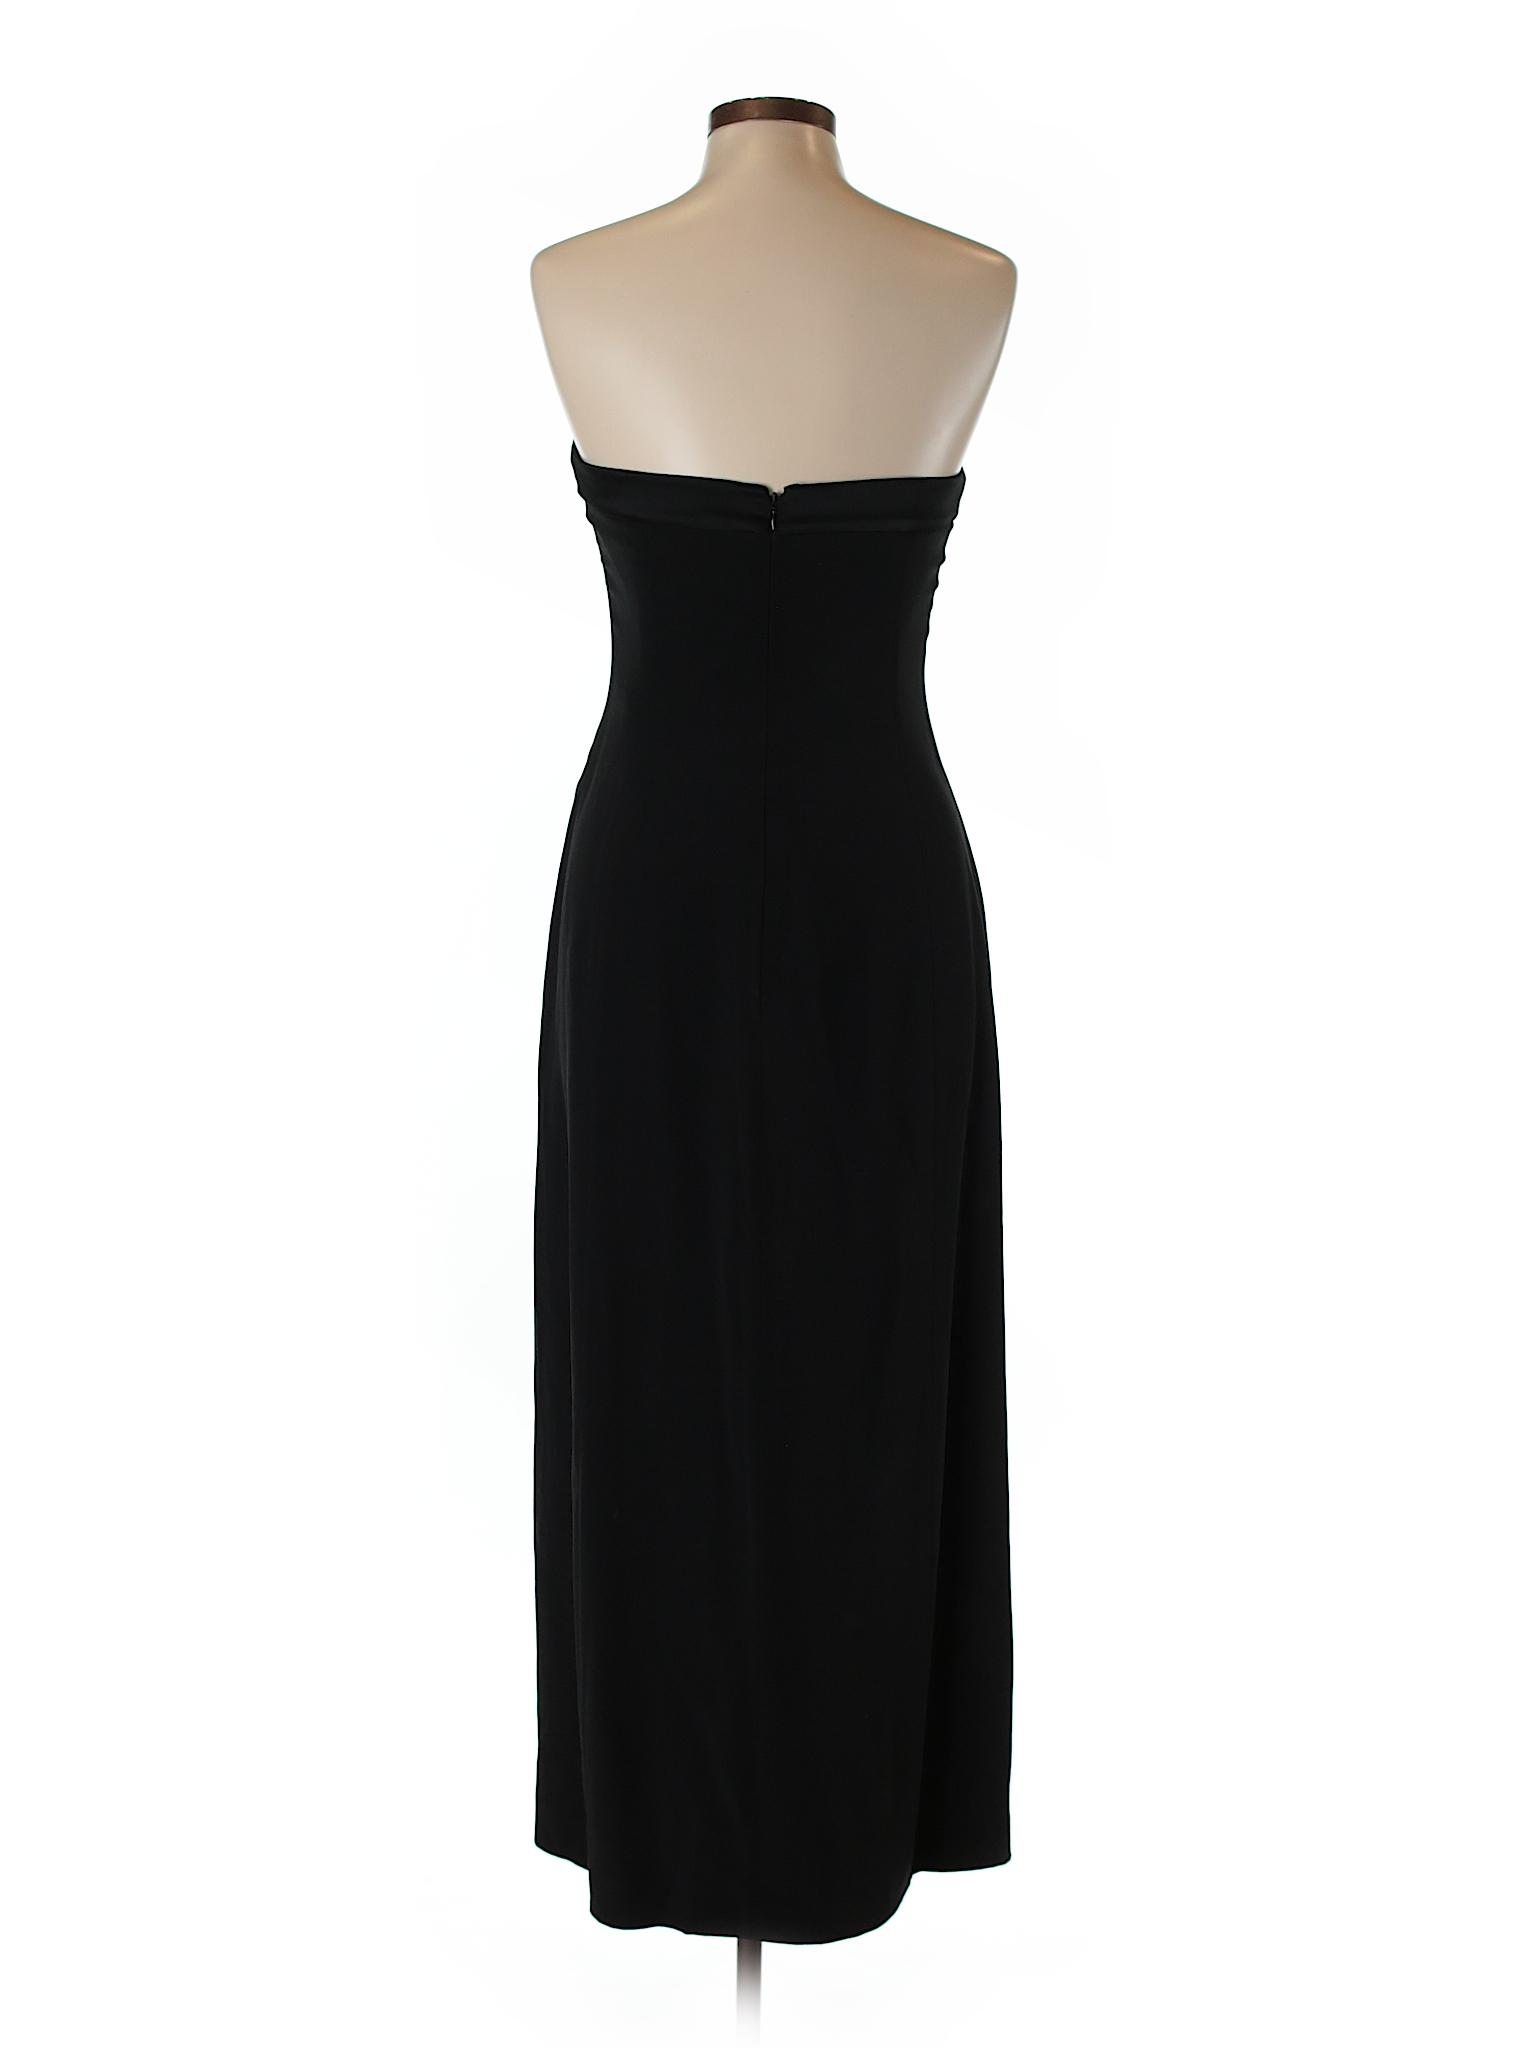 Dress Armani winter Collezioni Boutique Casual SOW8Wn0